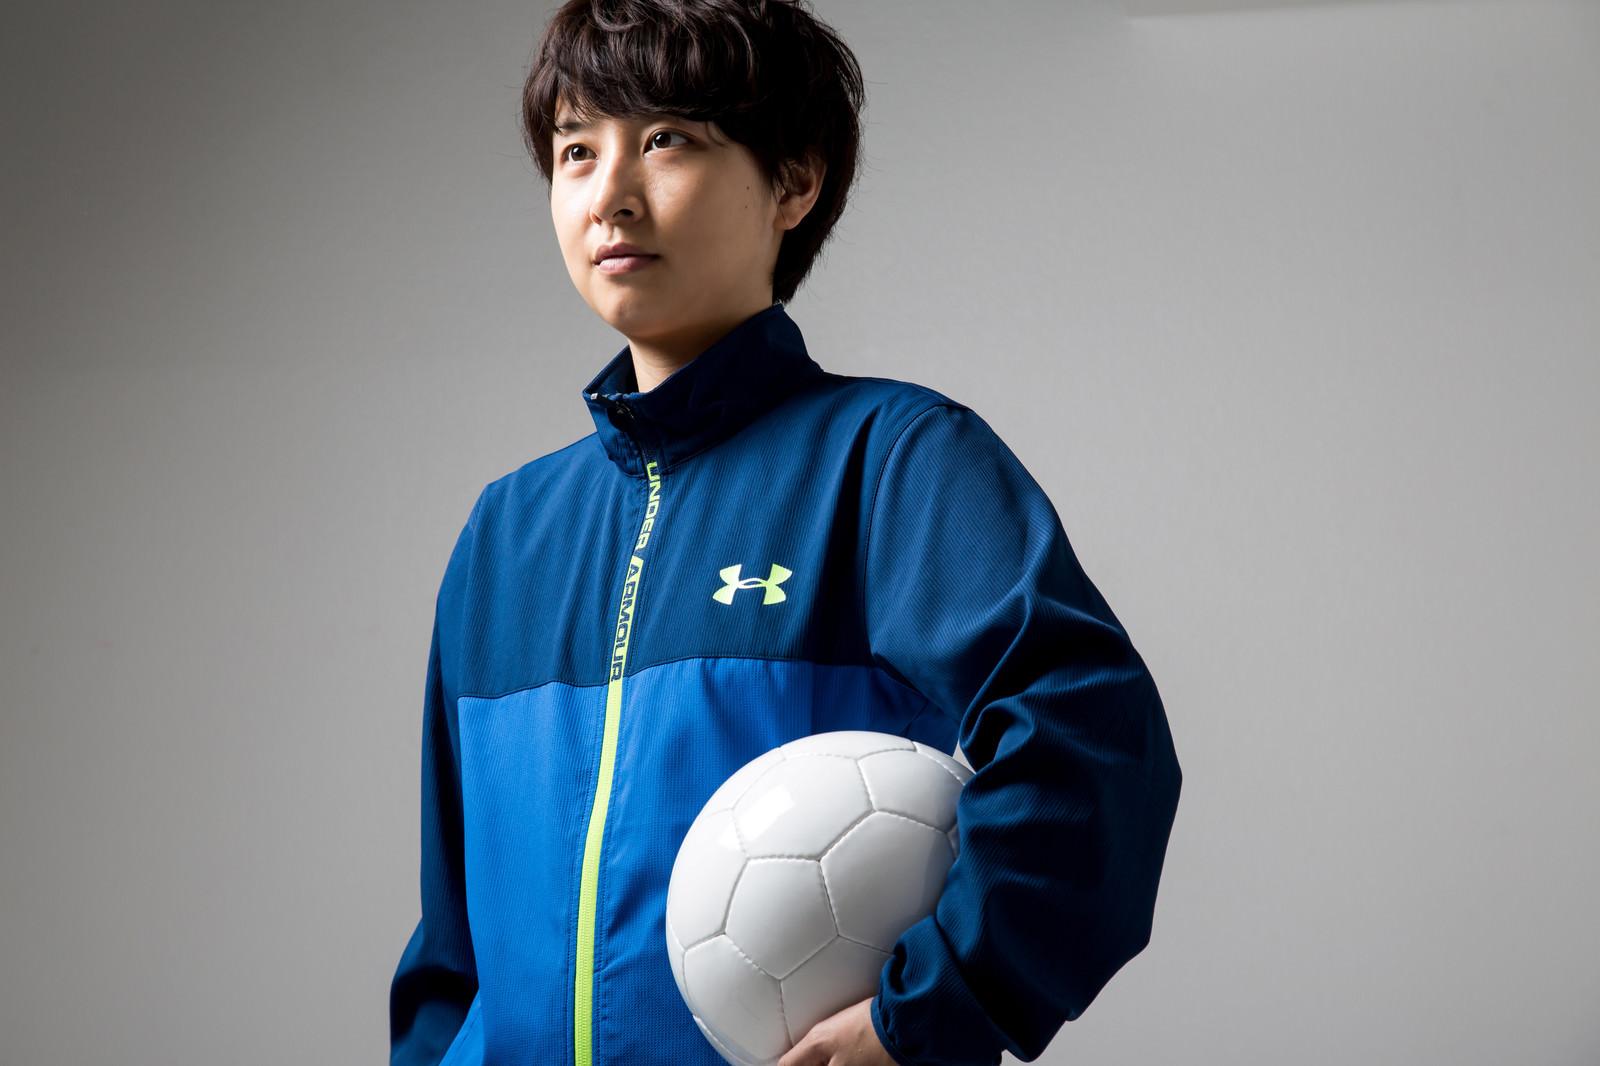 「サッカーボールを持った主将(女性) | 写真の無料素材・フリー素材 - ぱくたそ」の写真[モデル:八木彩香]